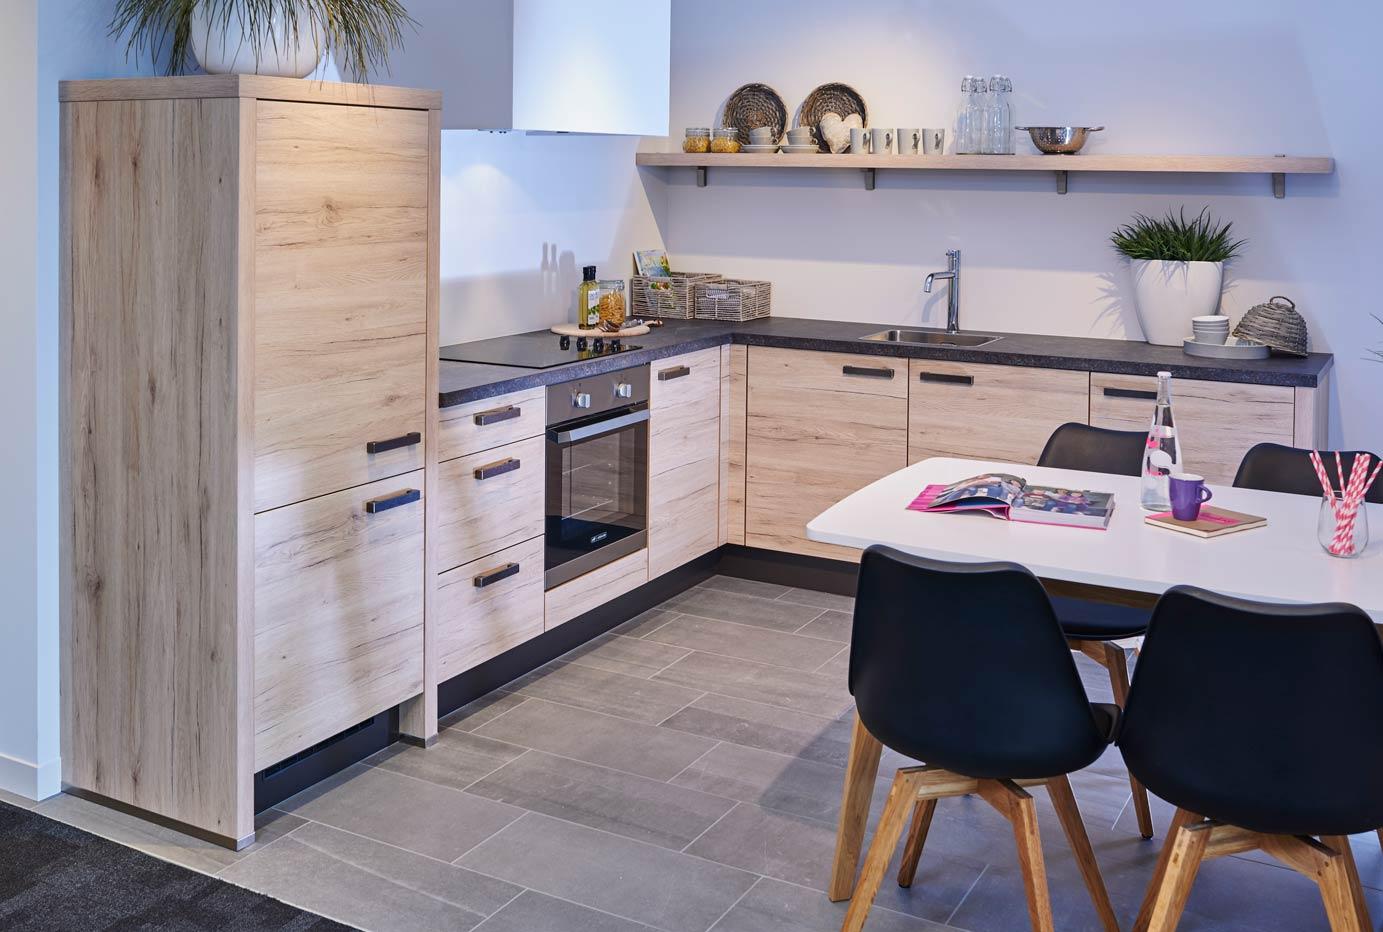 Onze goedkope keukens hoge kwaliteit voor lage prijzen adee